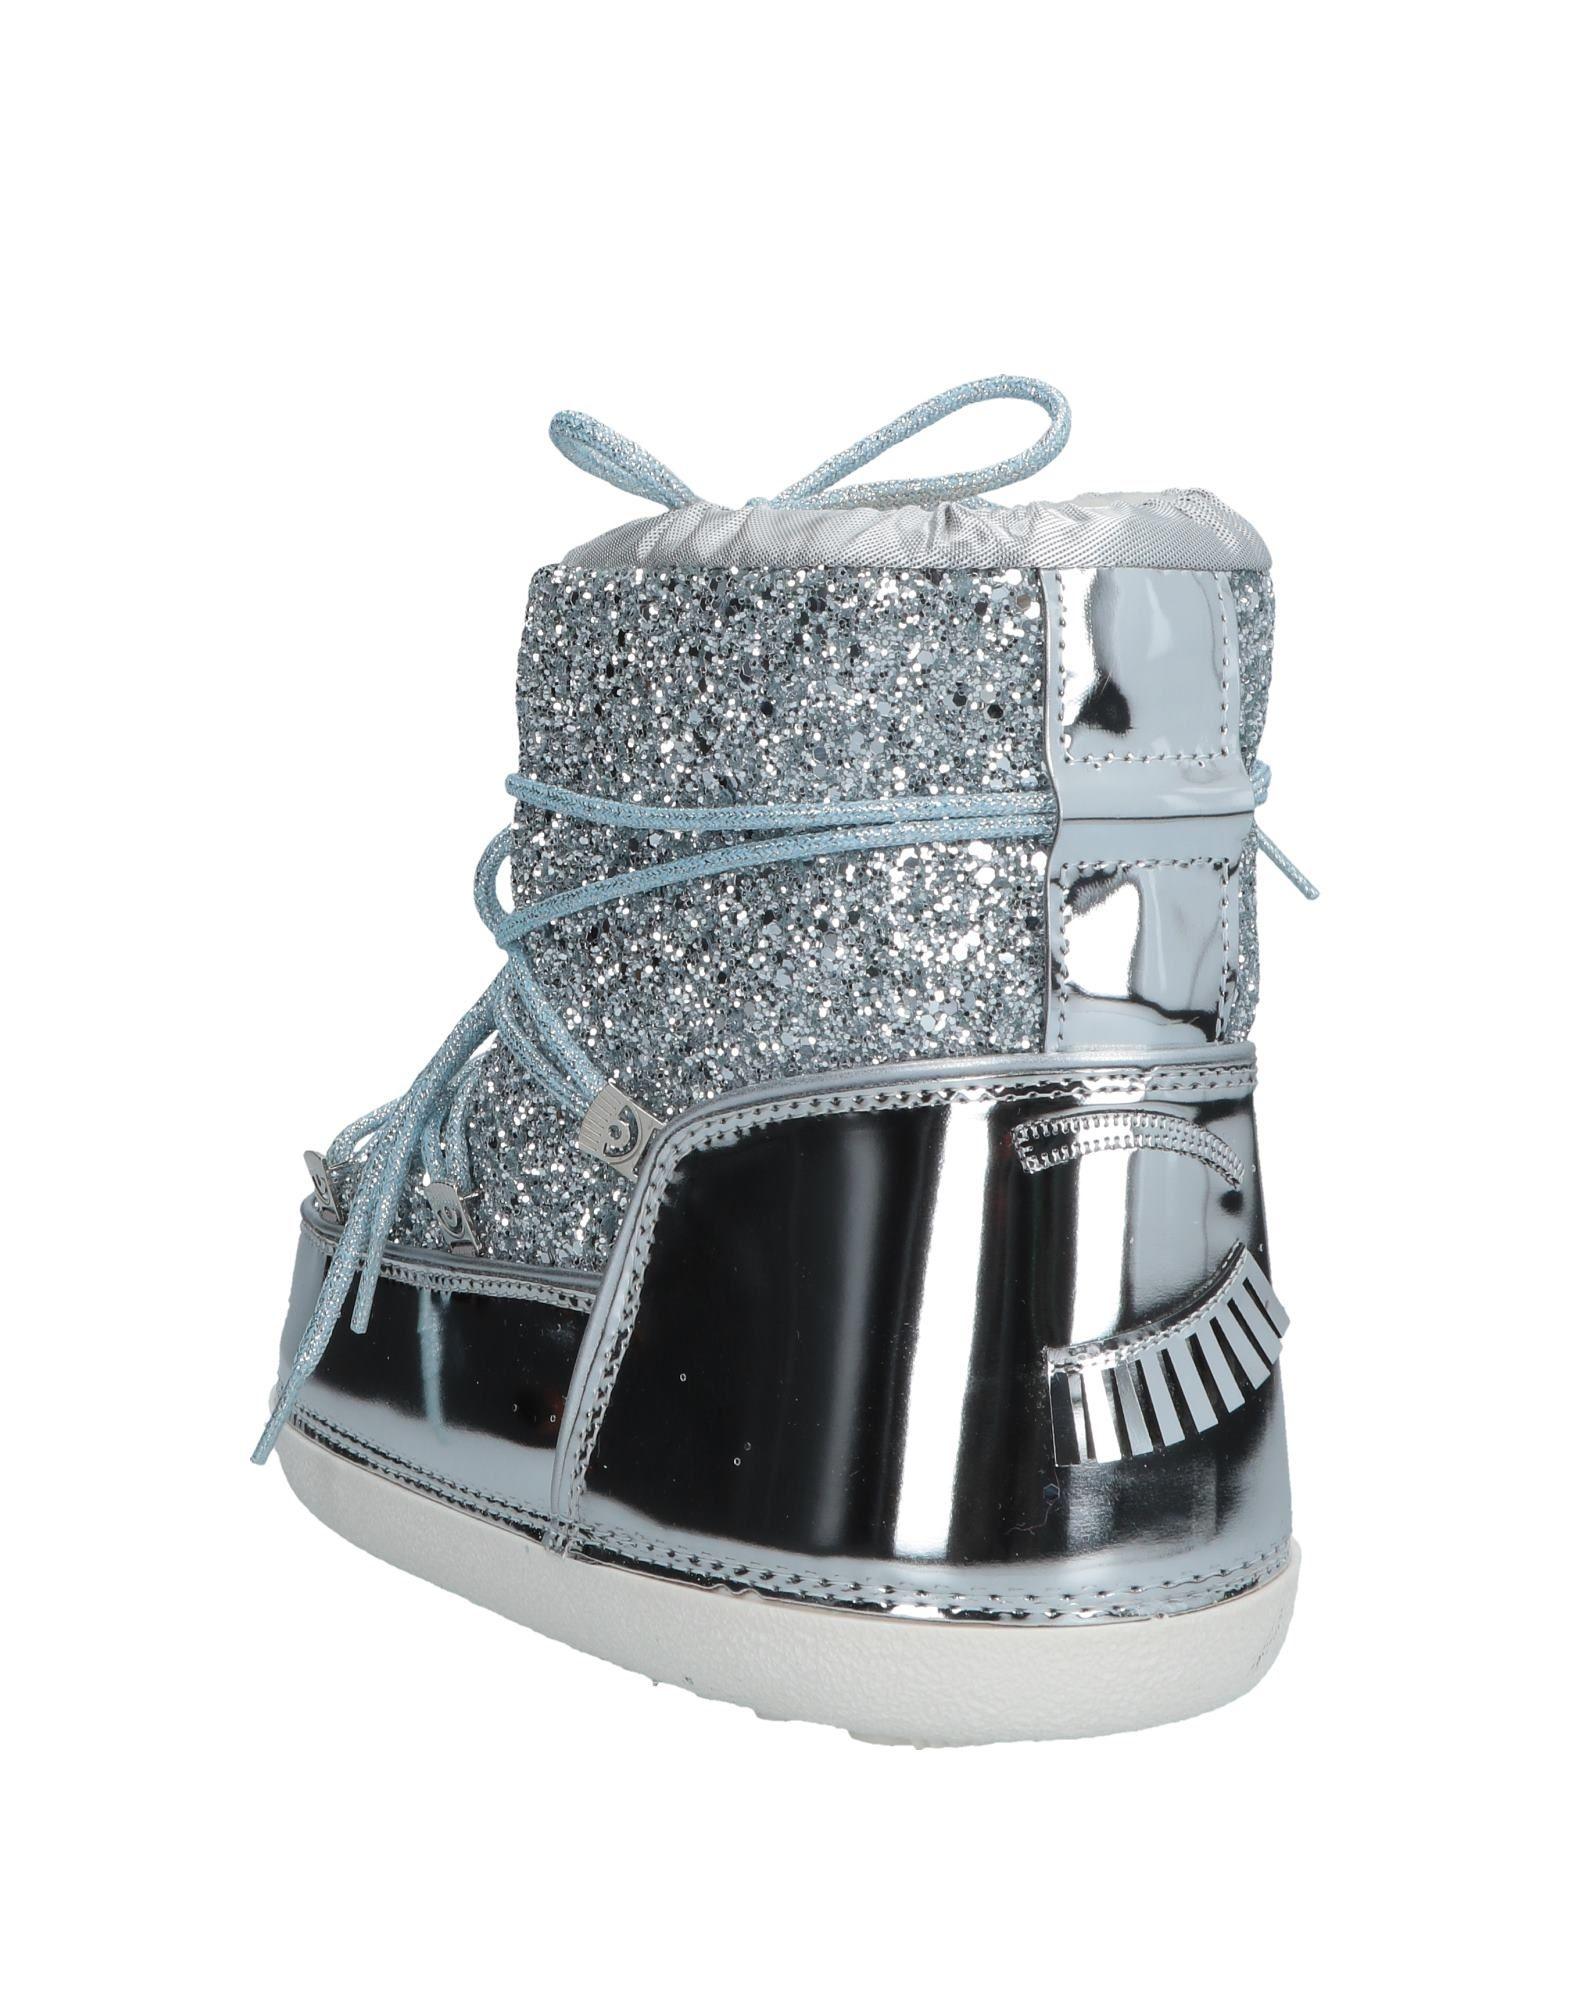 Rabatt Damen Schuhe Chiara Ferragni Stiefelette Damen Rabatt  11556407CL 33e2c3